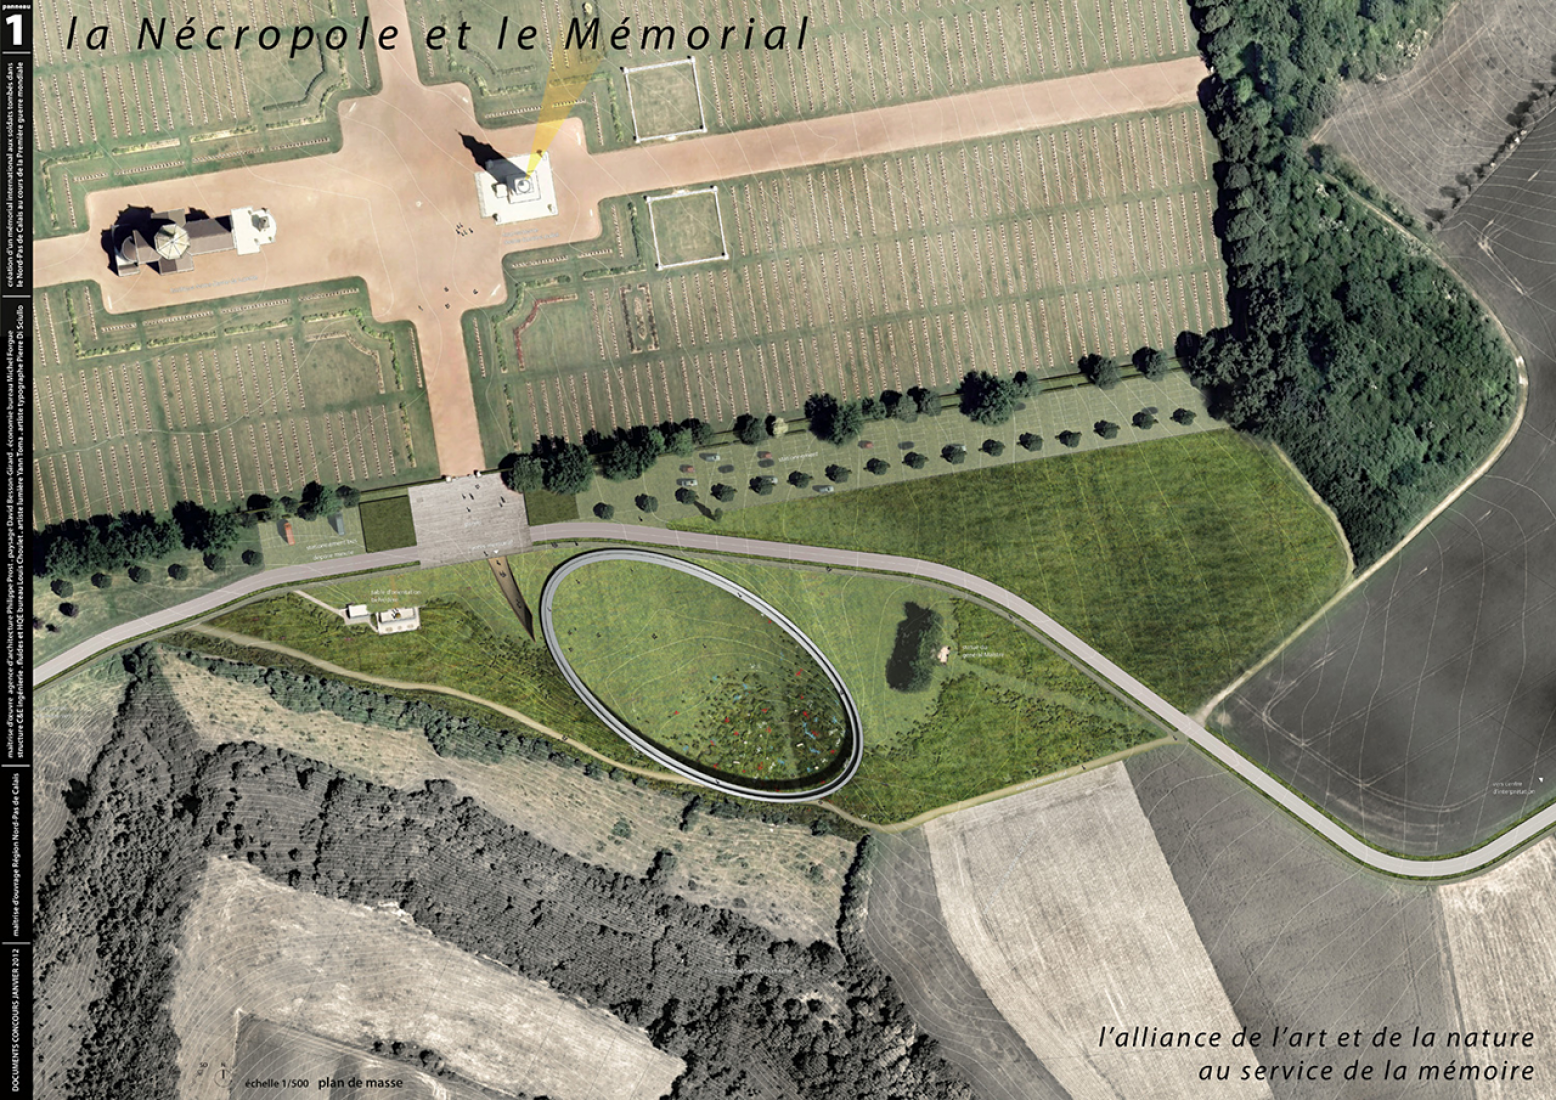 Vista aérea. Mémorial international de Notre-Dame‐ de‐ Lorette por Philippe Prost. Imagen © adagp.